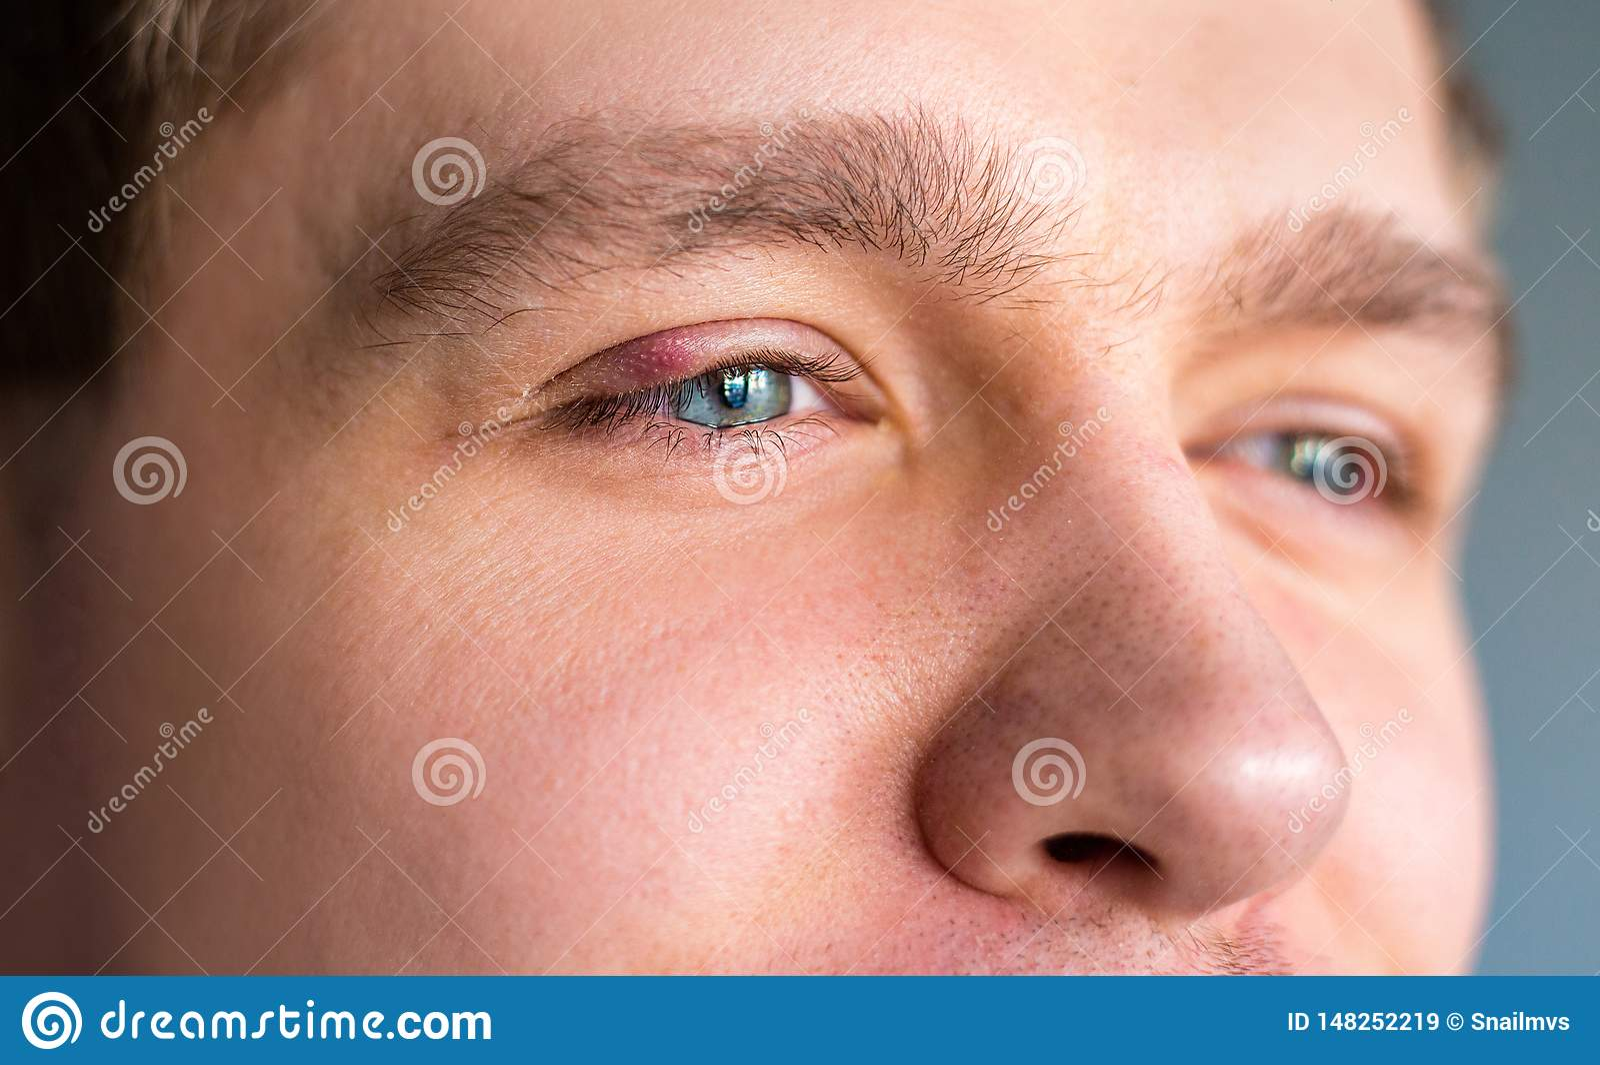 Fuoco selettivo sul coperchio superiore rosso gonfiato e doloroso dell occhio con l inizio dell infezione del porcile dovuto la g